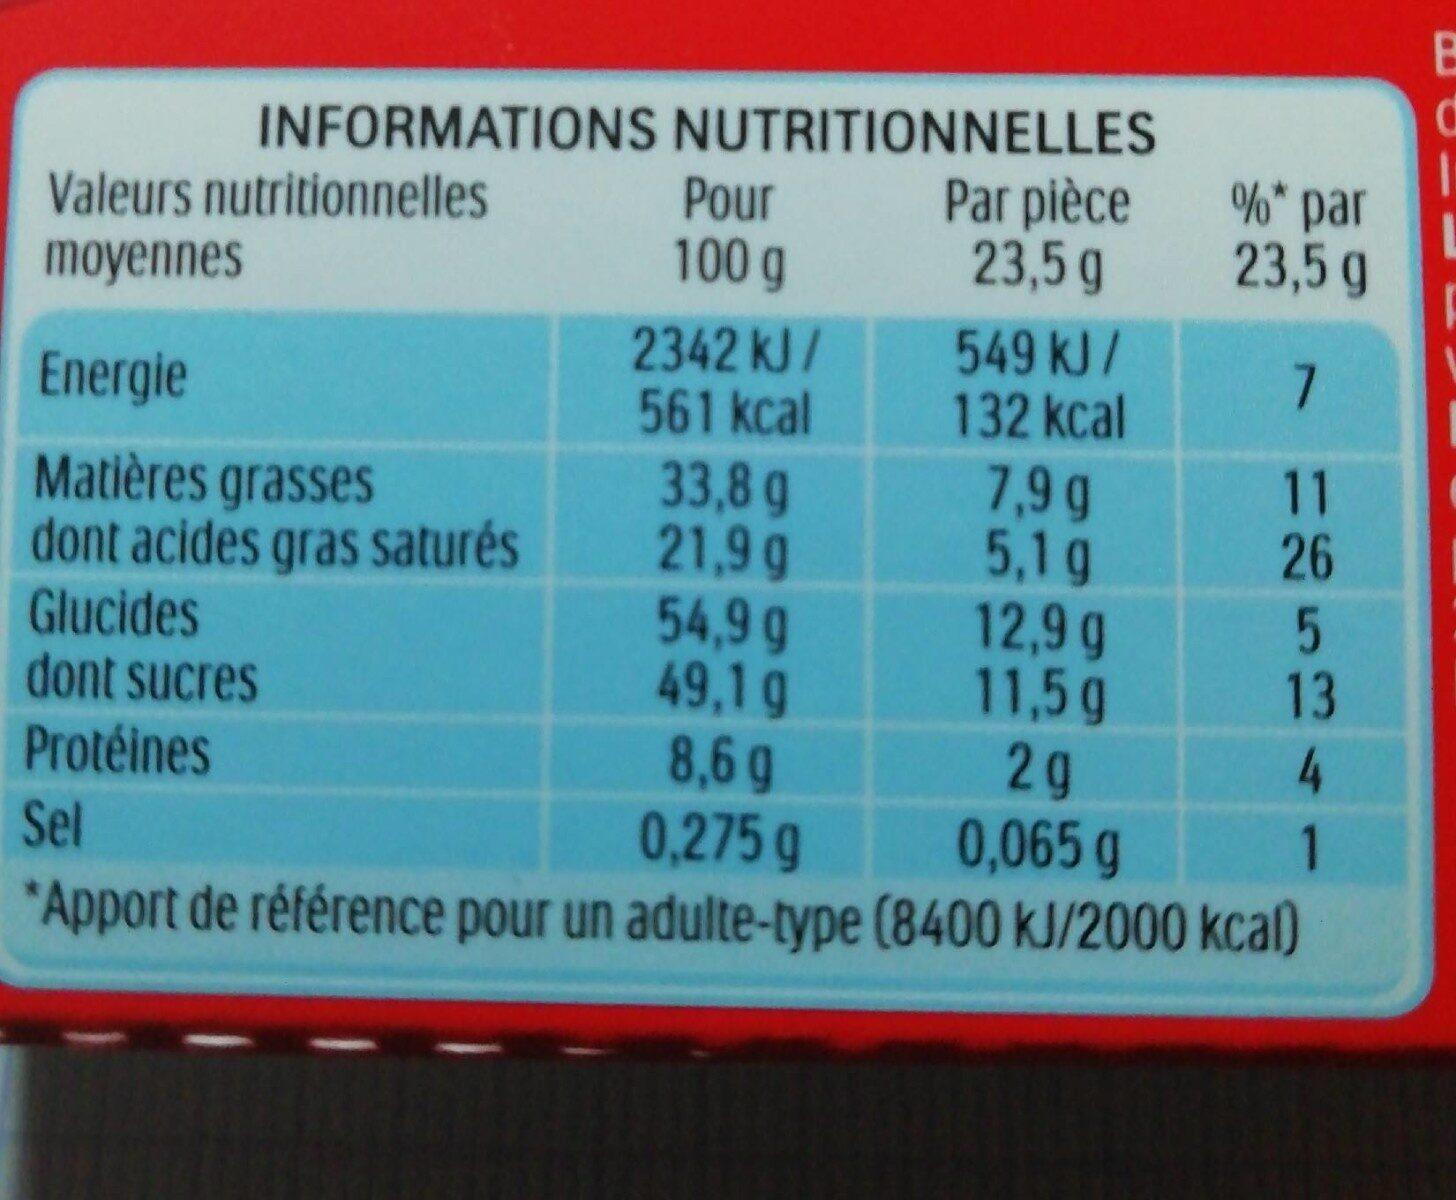 Kinder country barre de cereales enrobee de chocolat 10 barres - Valori nutrizionali - fr